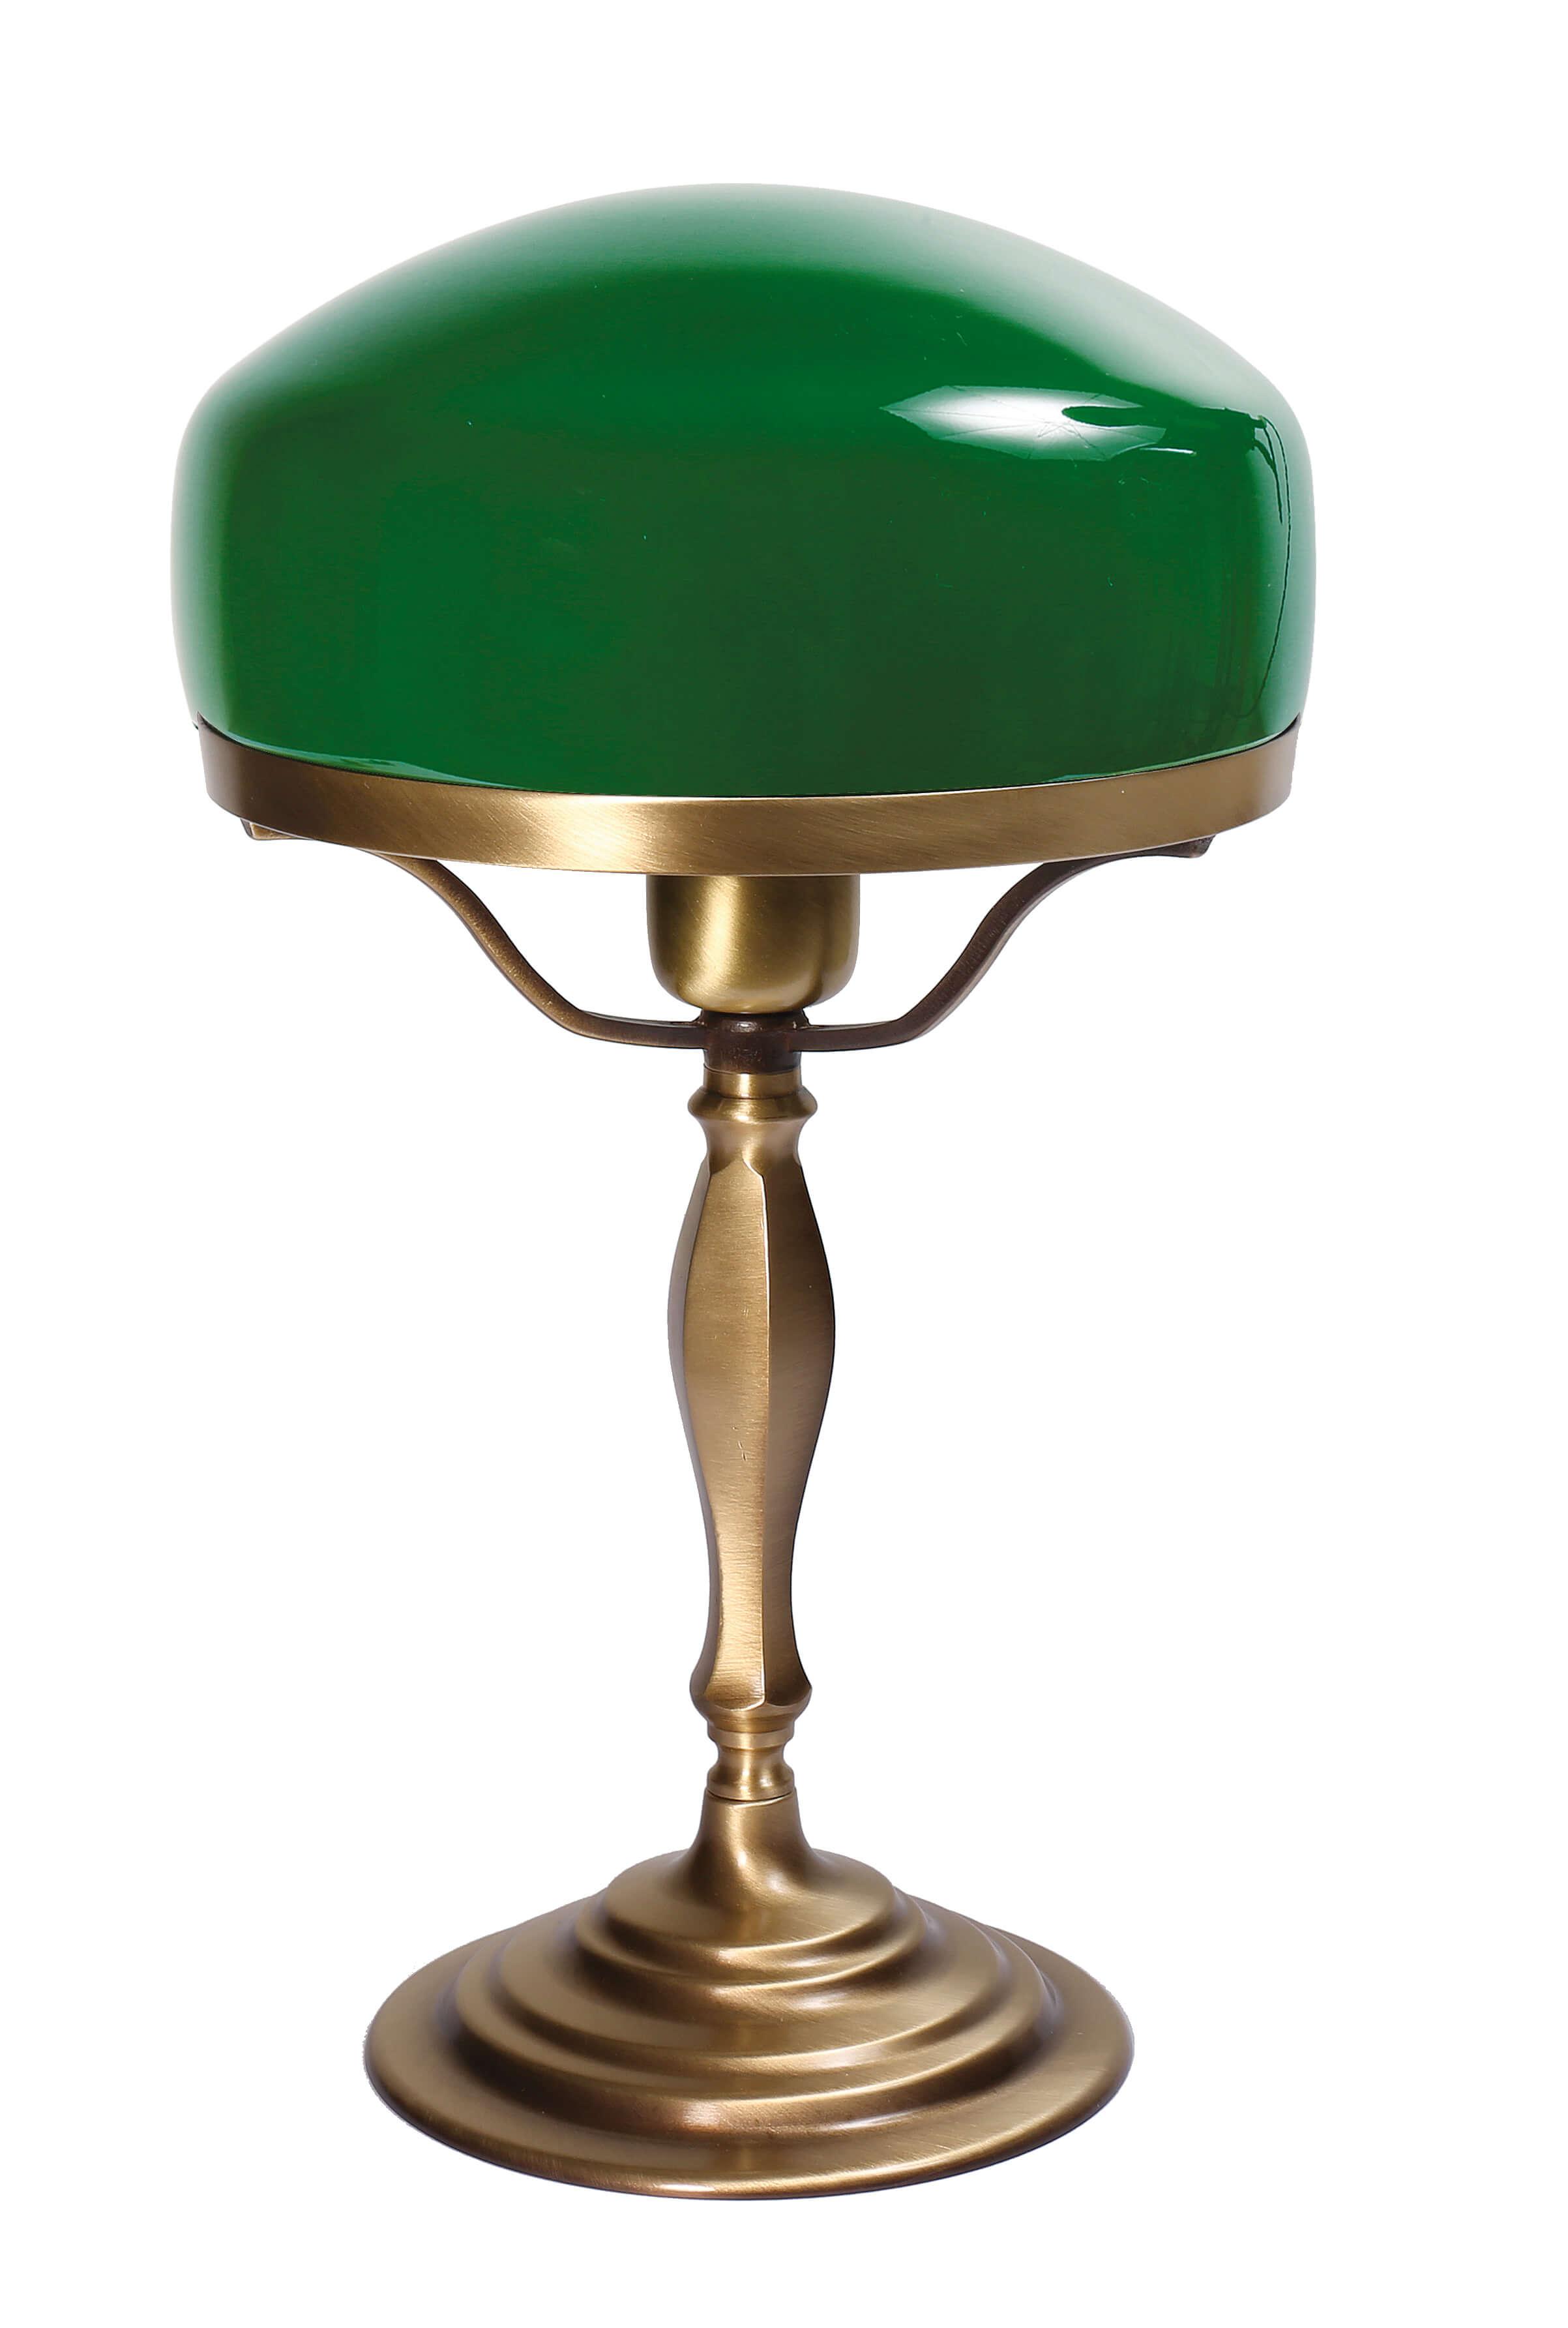 Tischlampe Glasschirm Grün aus Echt-Messing